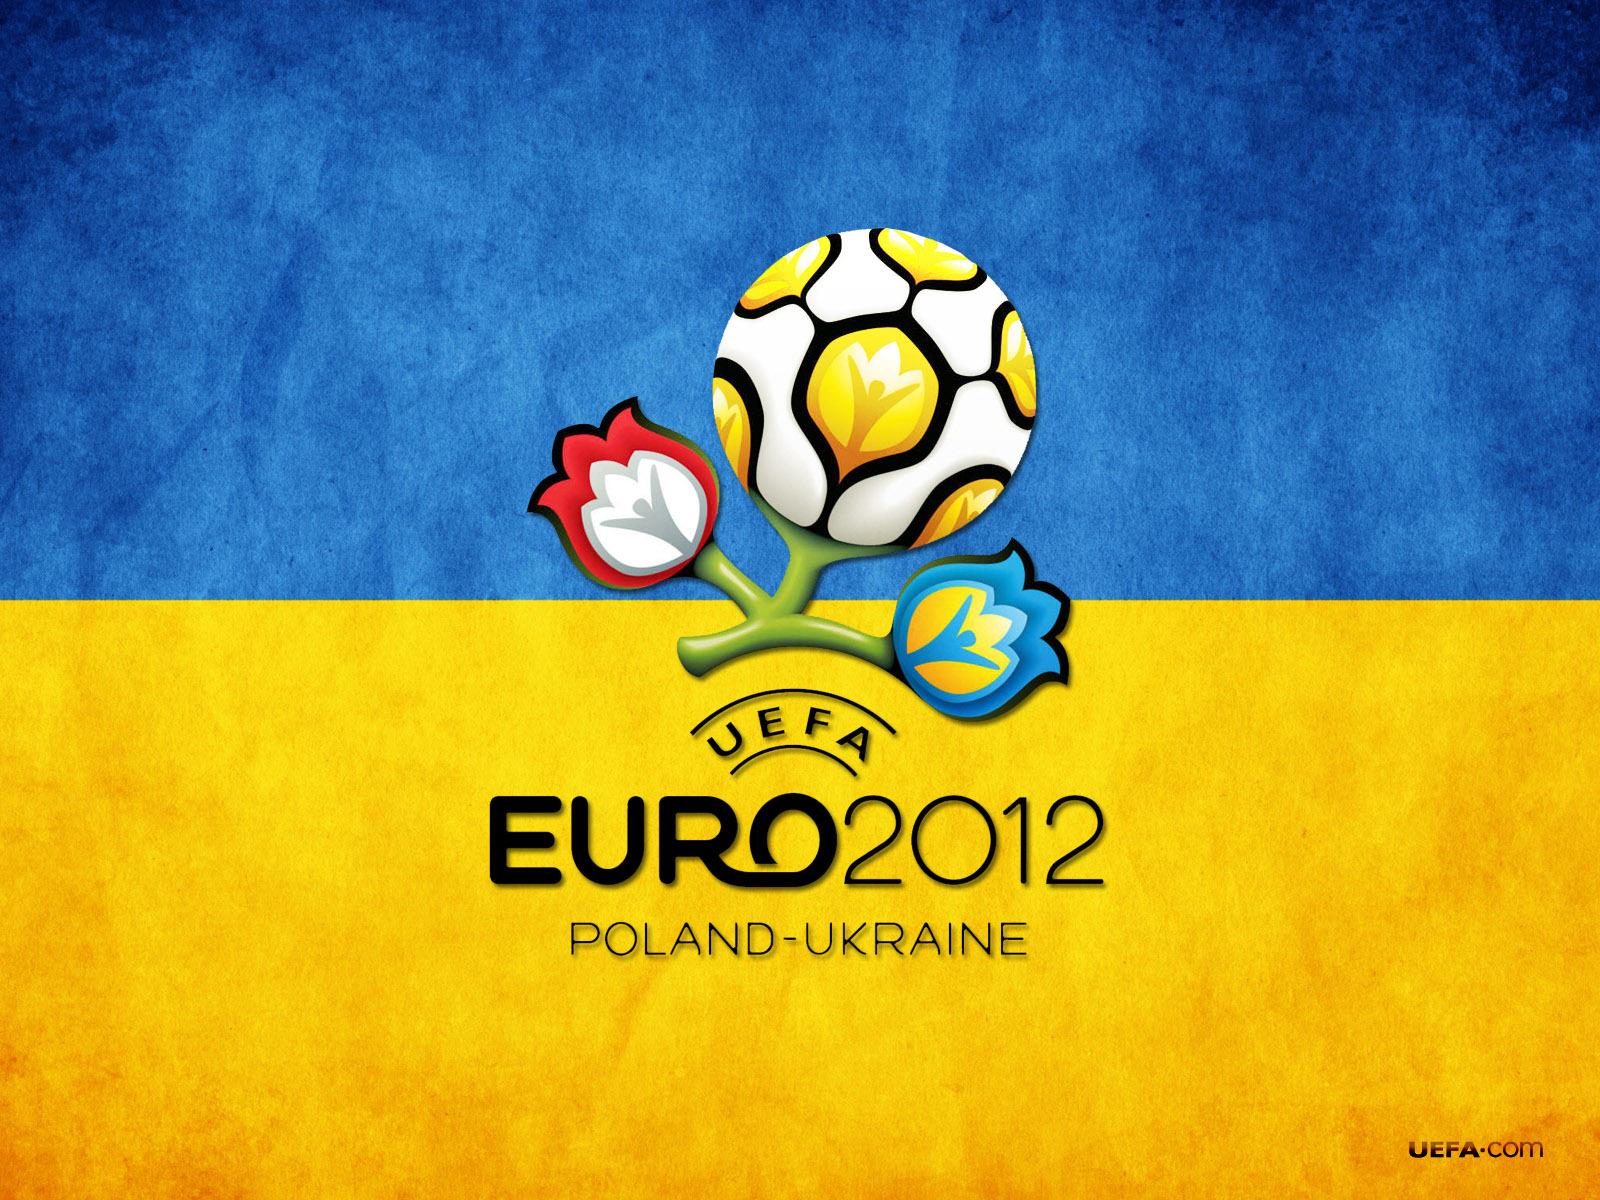 19962 - ¿Recuerdas la Eurocopa 2012?